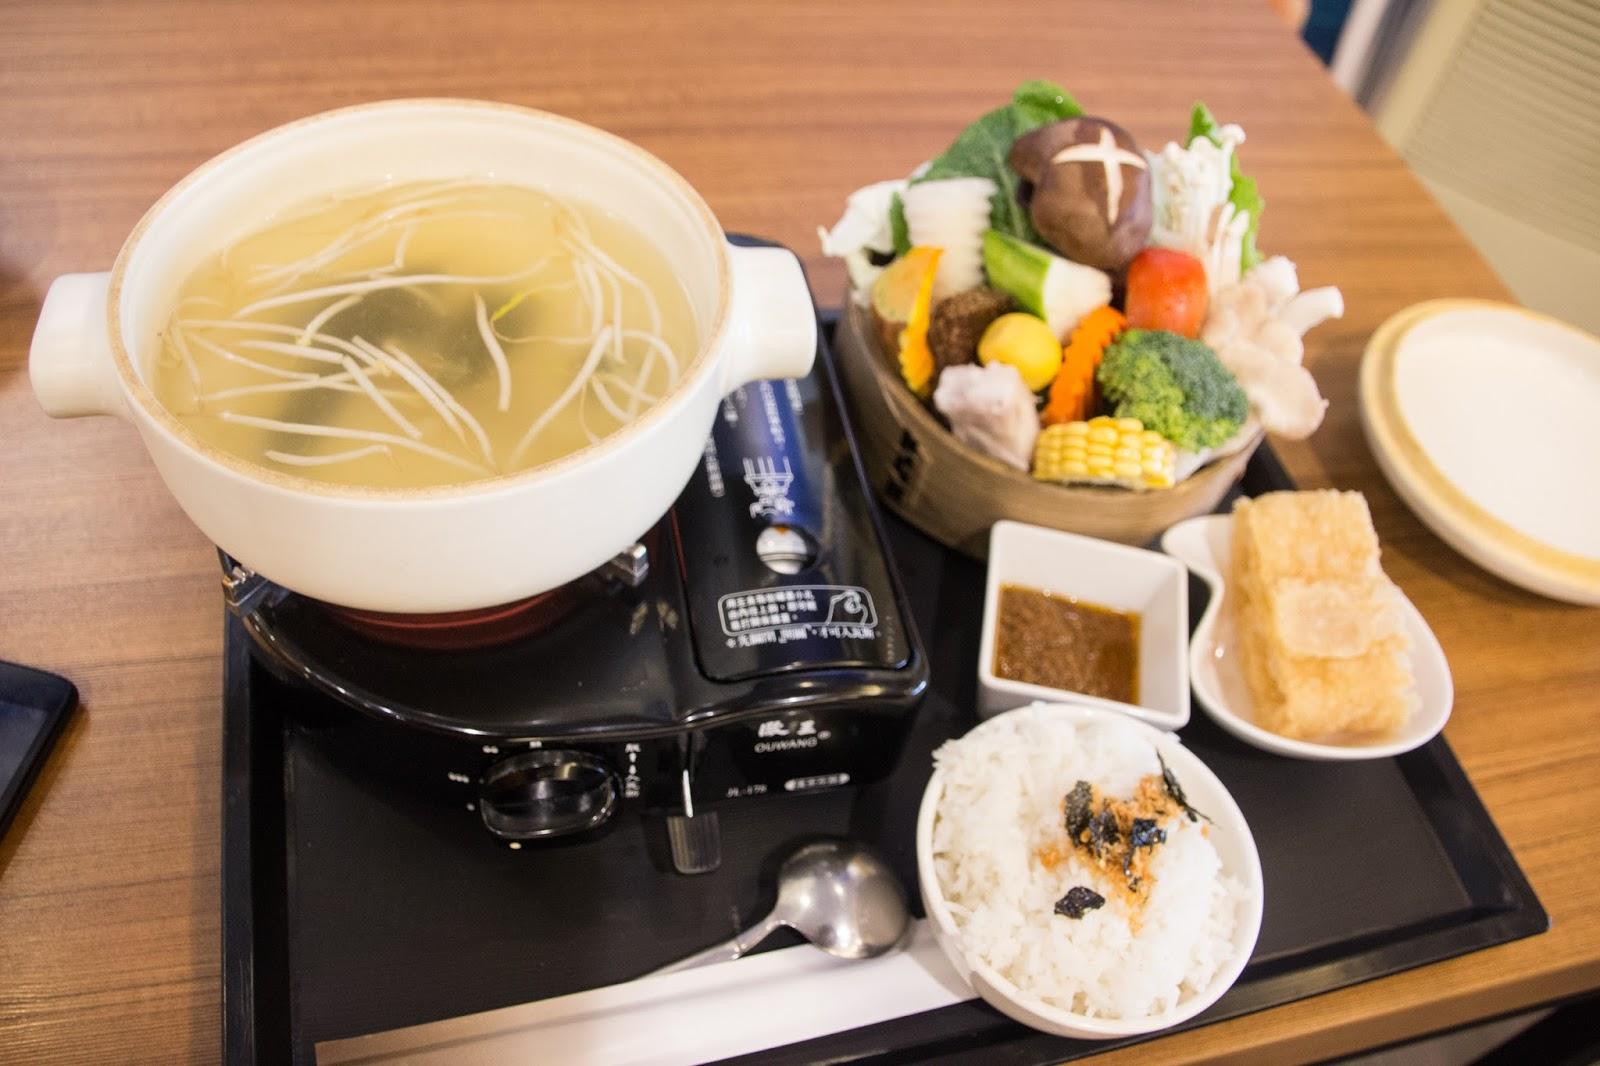 [素食][雲林][斗六] 「熱浪島」南洋蔬食茶堂 @ 喵星人日誌